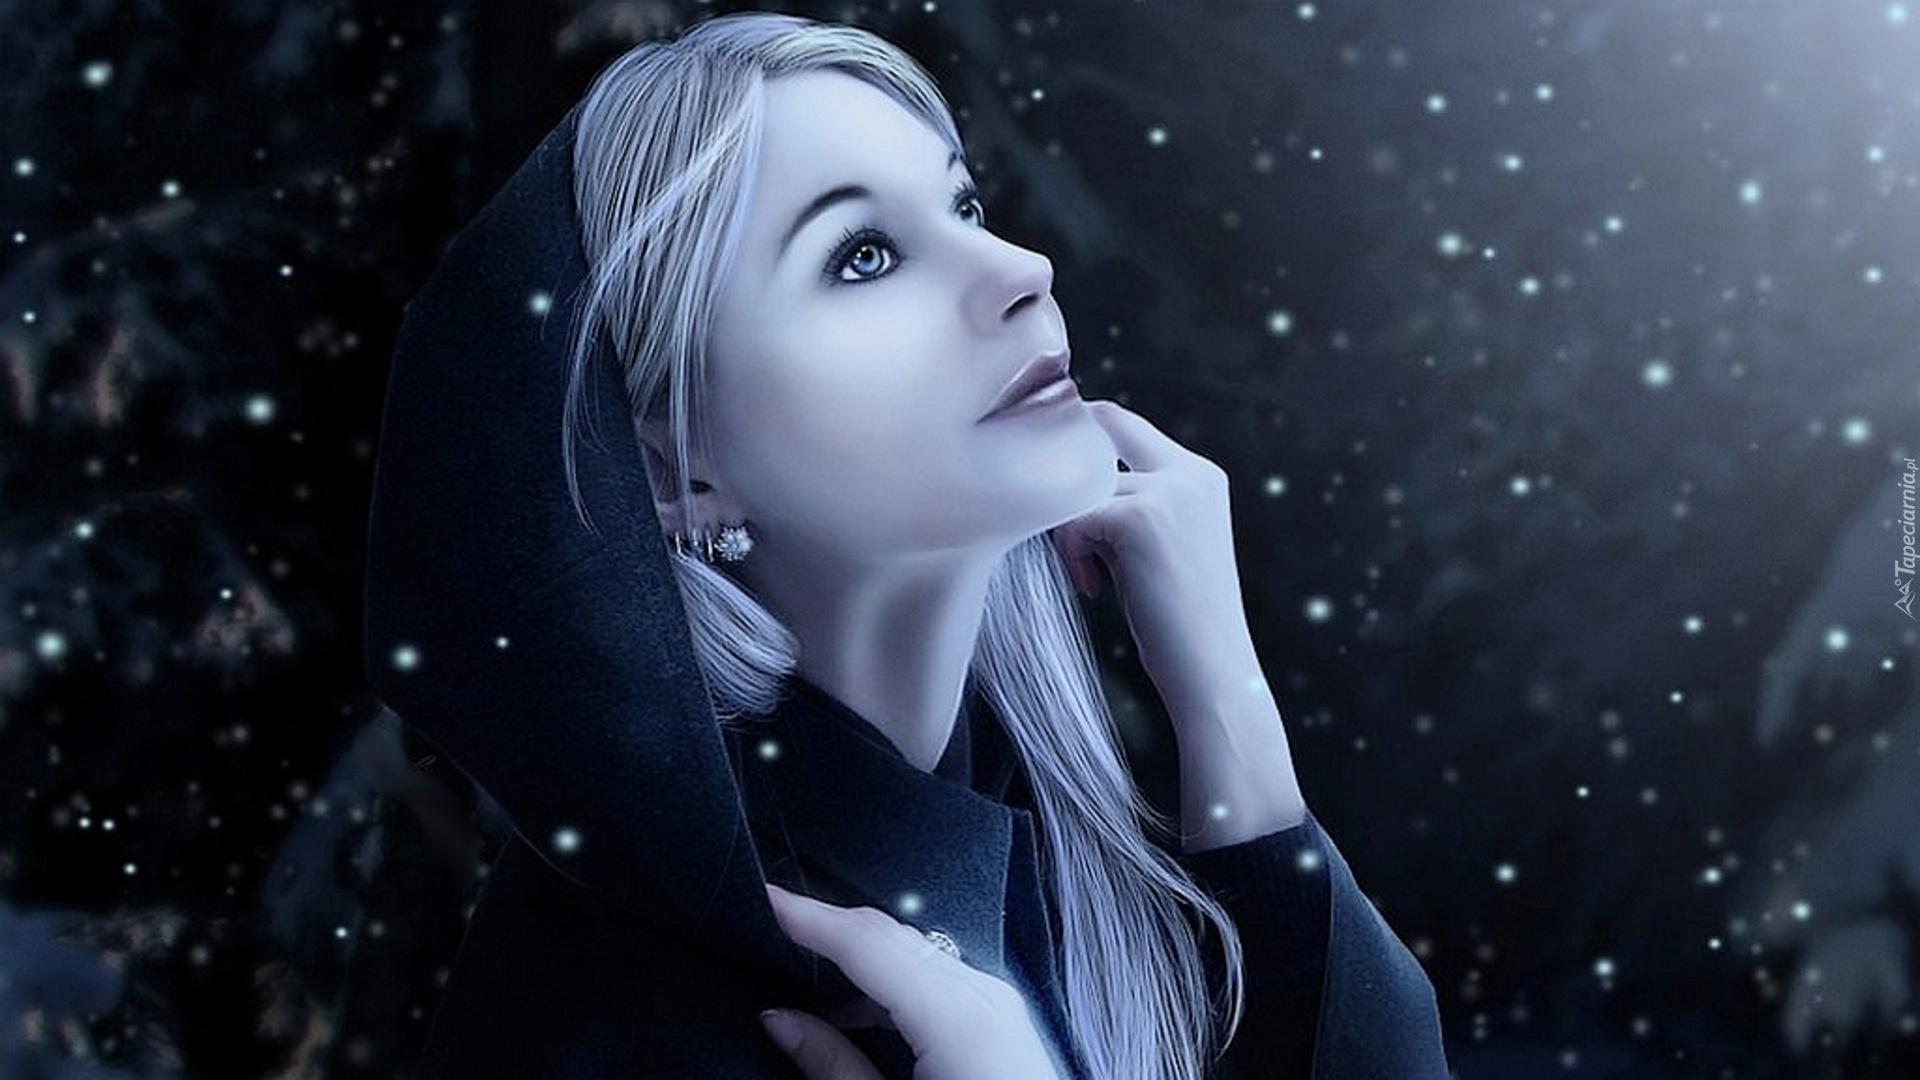 79970_kobieta_kaptur_gwiazdy.jpg